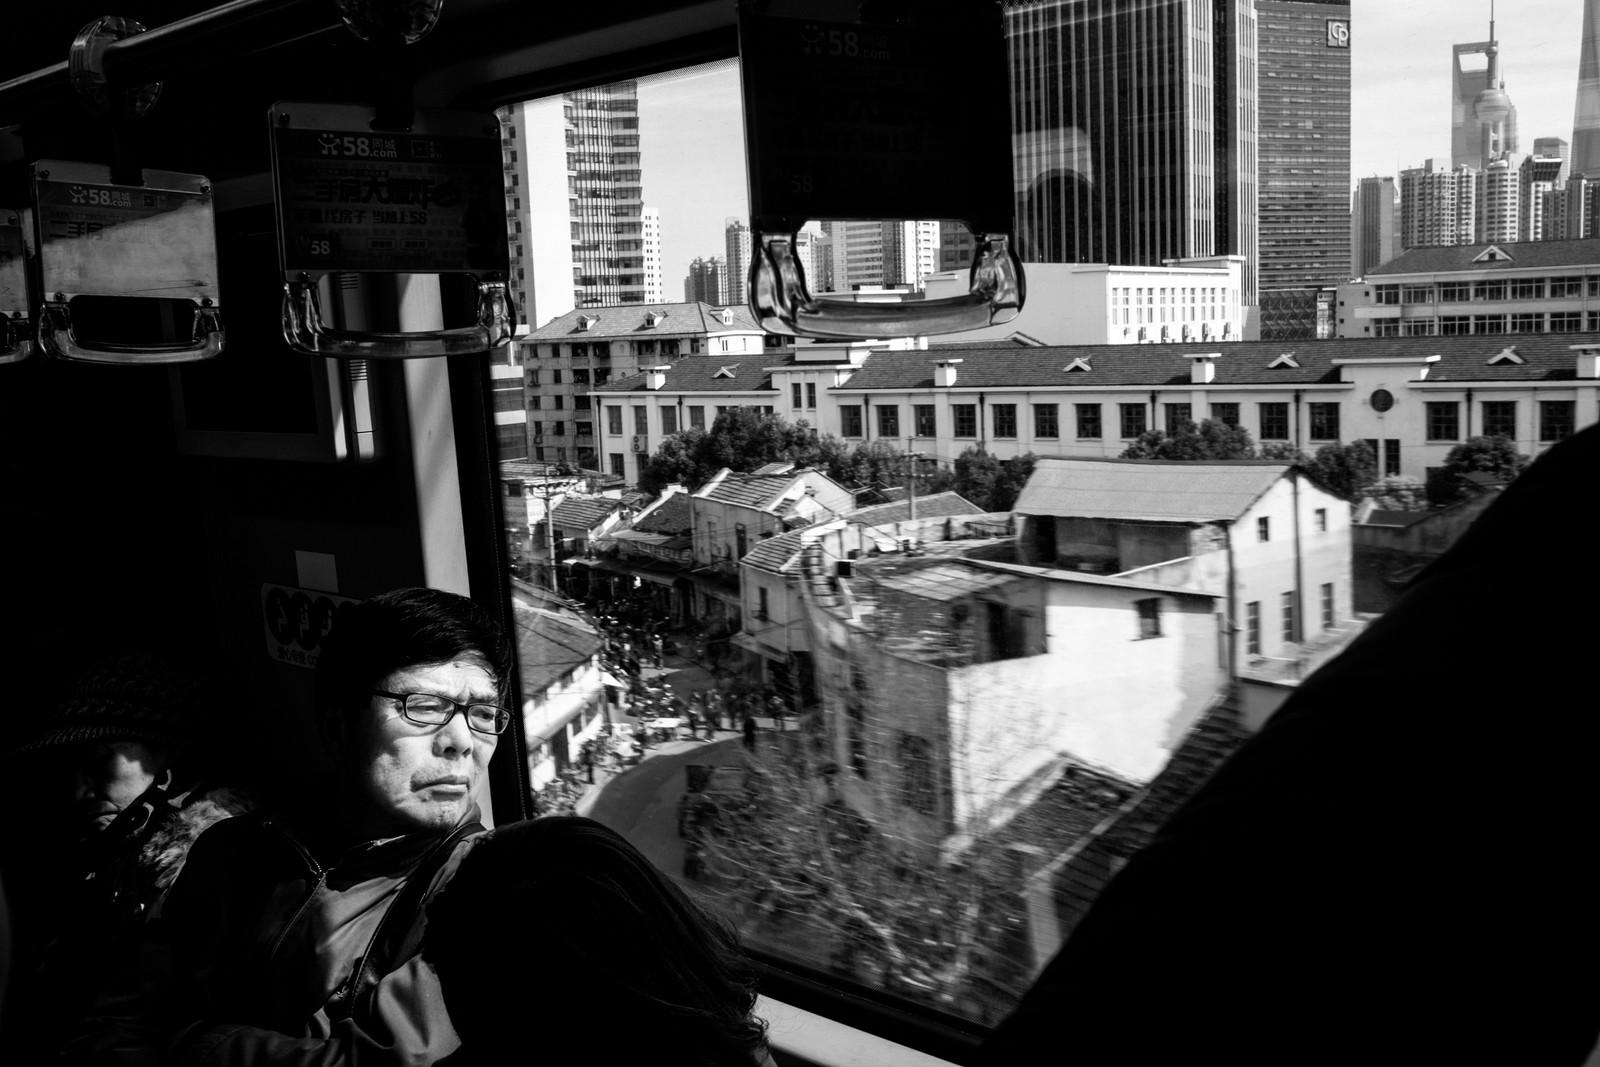 2. pris åpen klasse: Shanghai Metro, Kina. Turister utenfor nedgangen til metrolinje to. Juryens begrunnelse: En deilig, befriende serie med flyktige øyeblikk fra hverdagslivet. Noen scener er til og med følsomme og intime, selv om det bare er en reise med metroen i Shanghai.